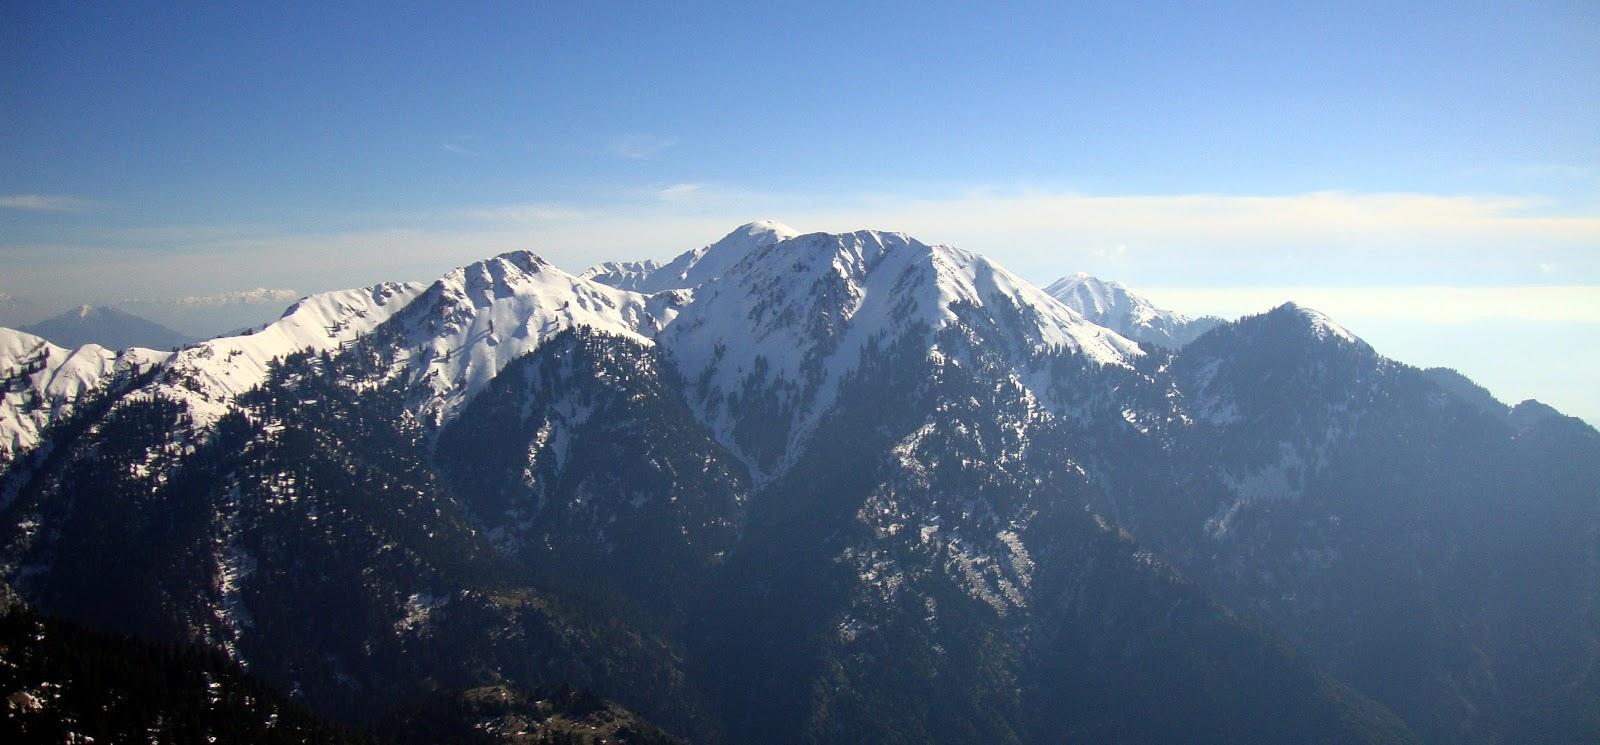 κατελάνος βουνό παναιτωλικού όρους